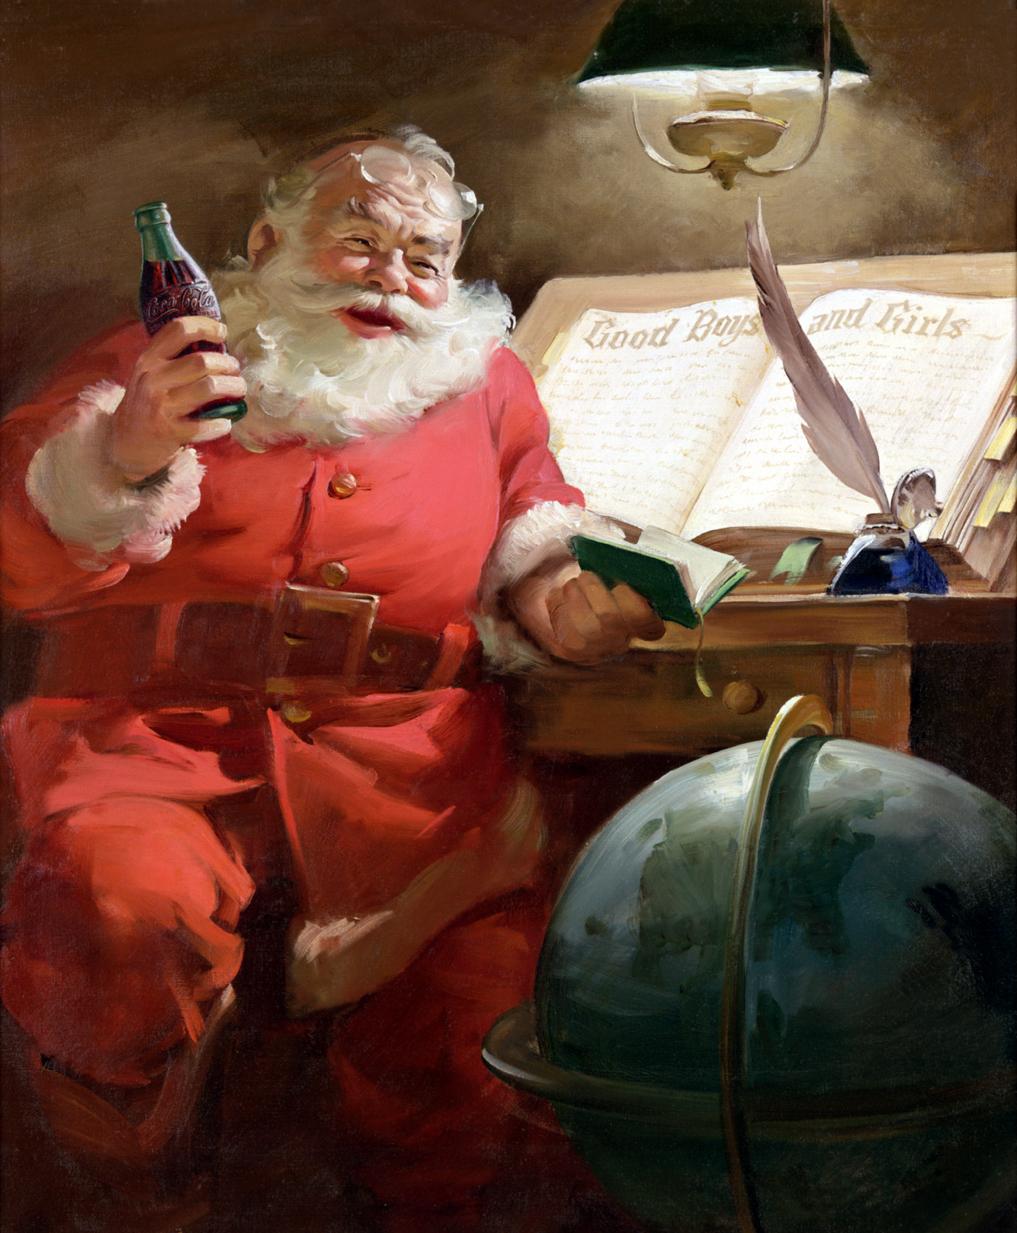 coke lore santa 1951